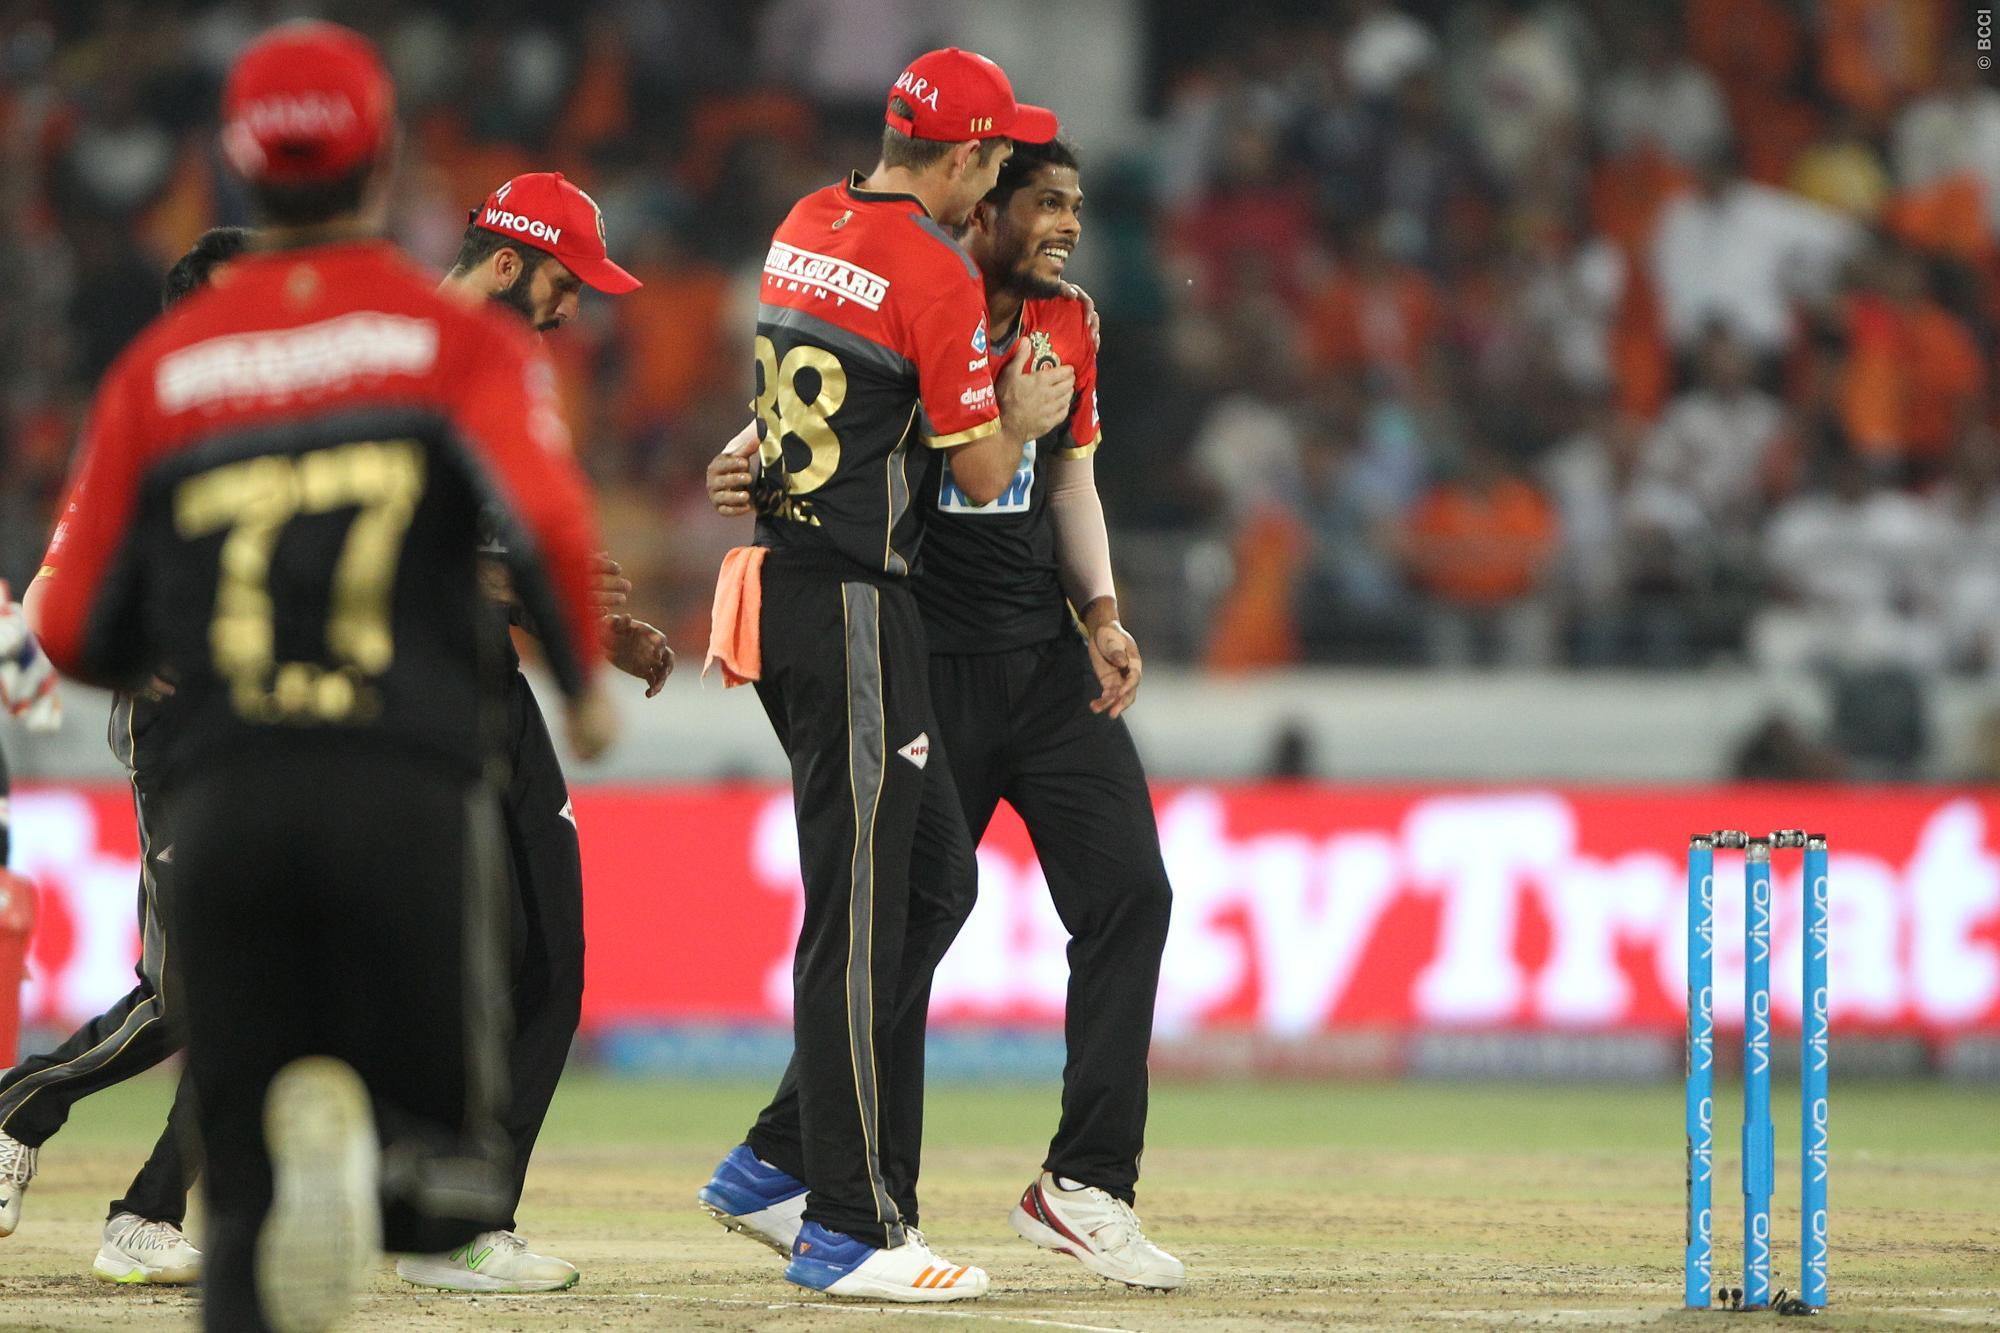 वीडियो- 15.4 ओवर में उमेश यादव और केन विलियम्सन का नाटकीय अंदाज देख आरसीबी के खिलाड़ियों और अम्पायर की छुट पड़ी हंसी 33